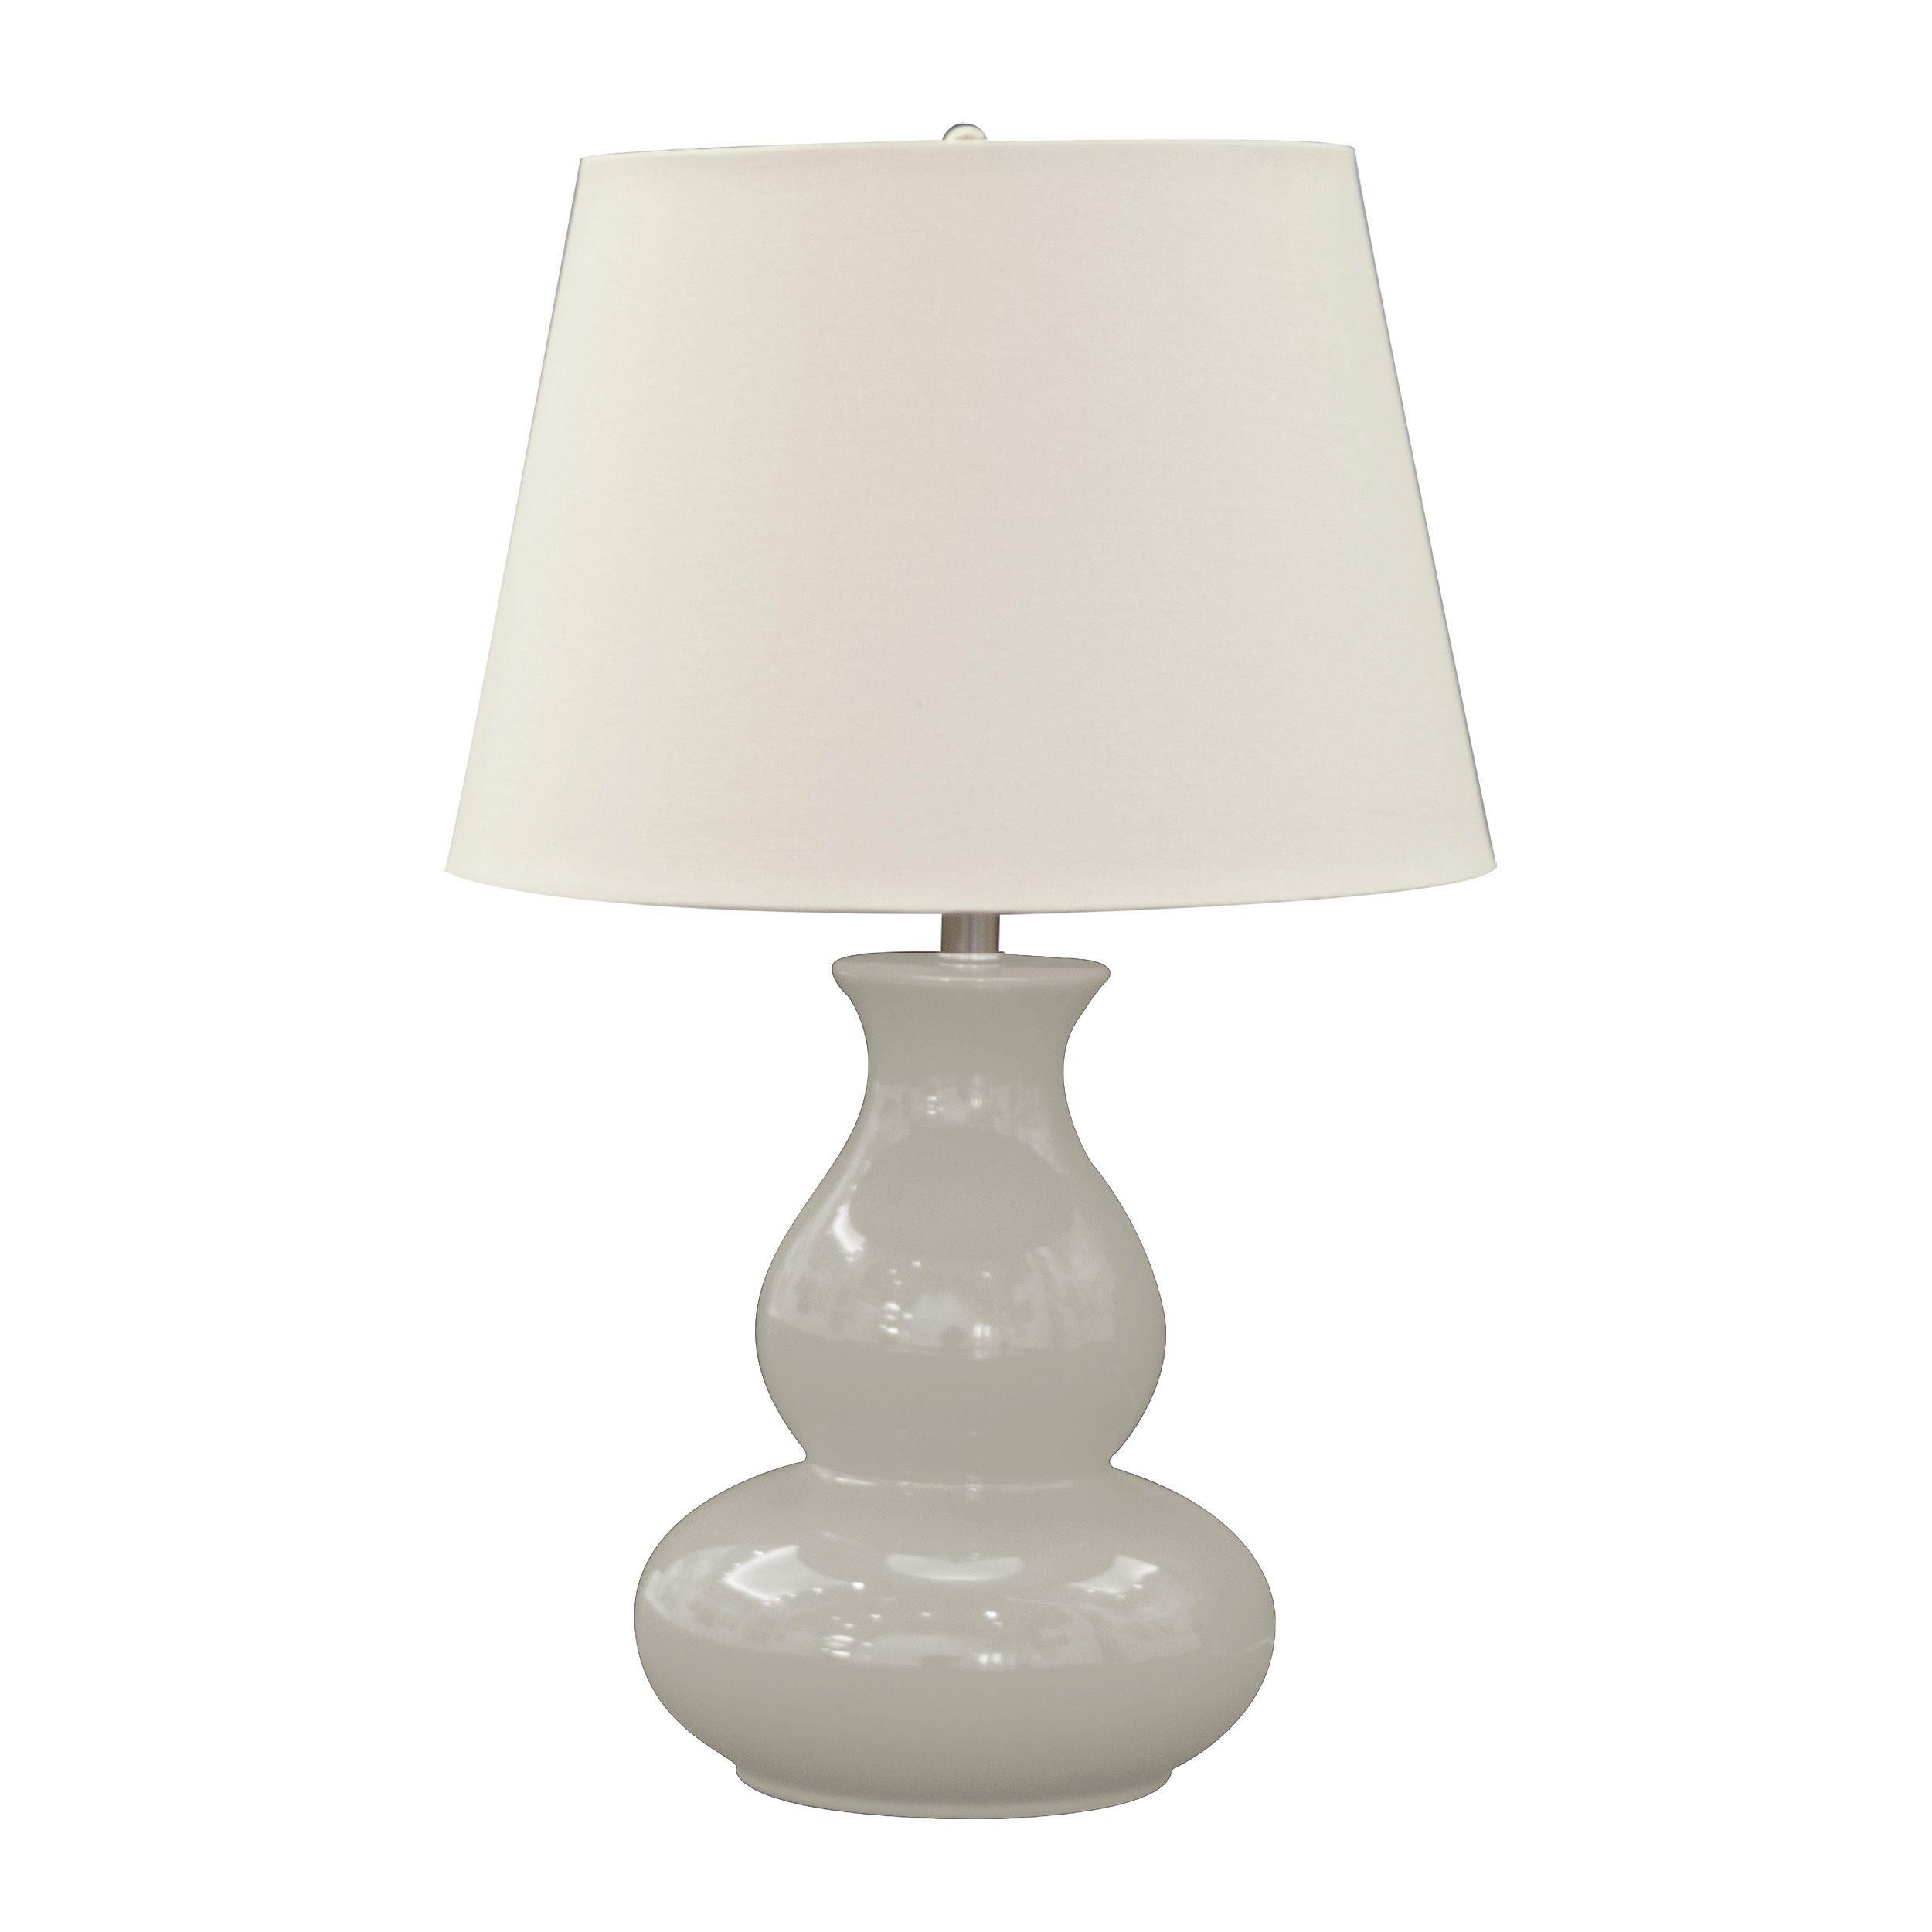 Renwil ren wil dias table lamp dias table lamp grey ceramic renwil ren wil dias table lamp dias table lamp grey ceramic geotapseo Choice Image